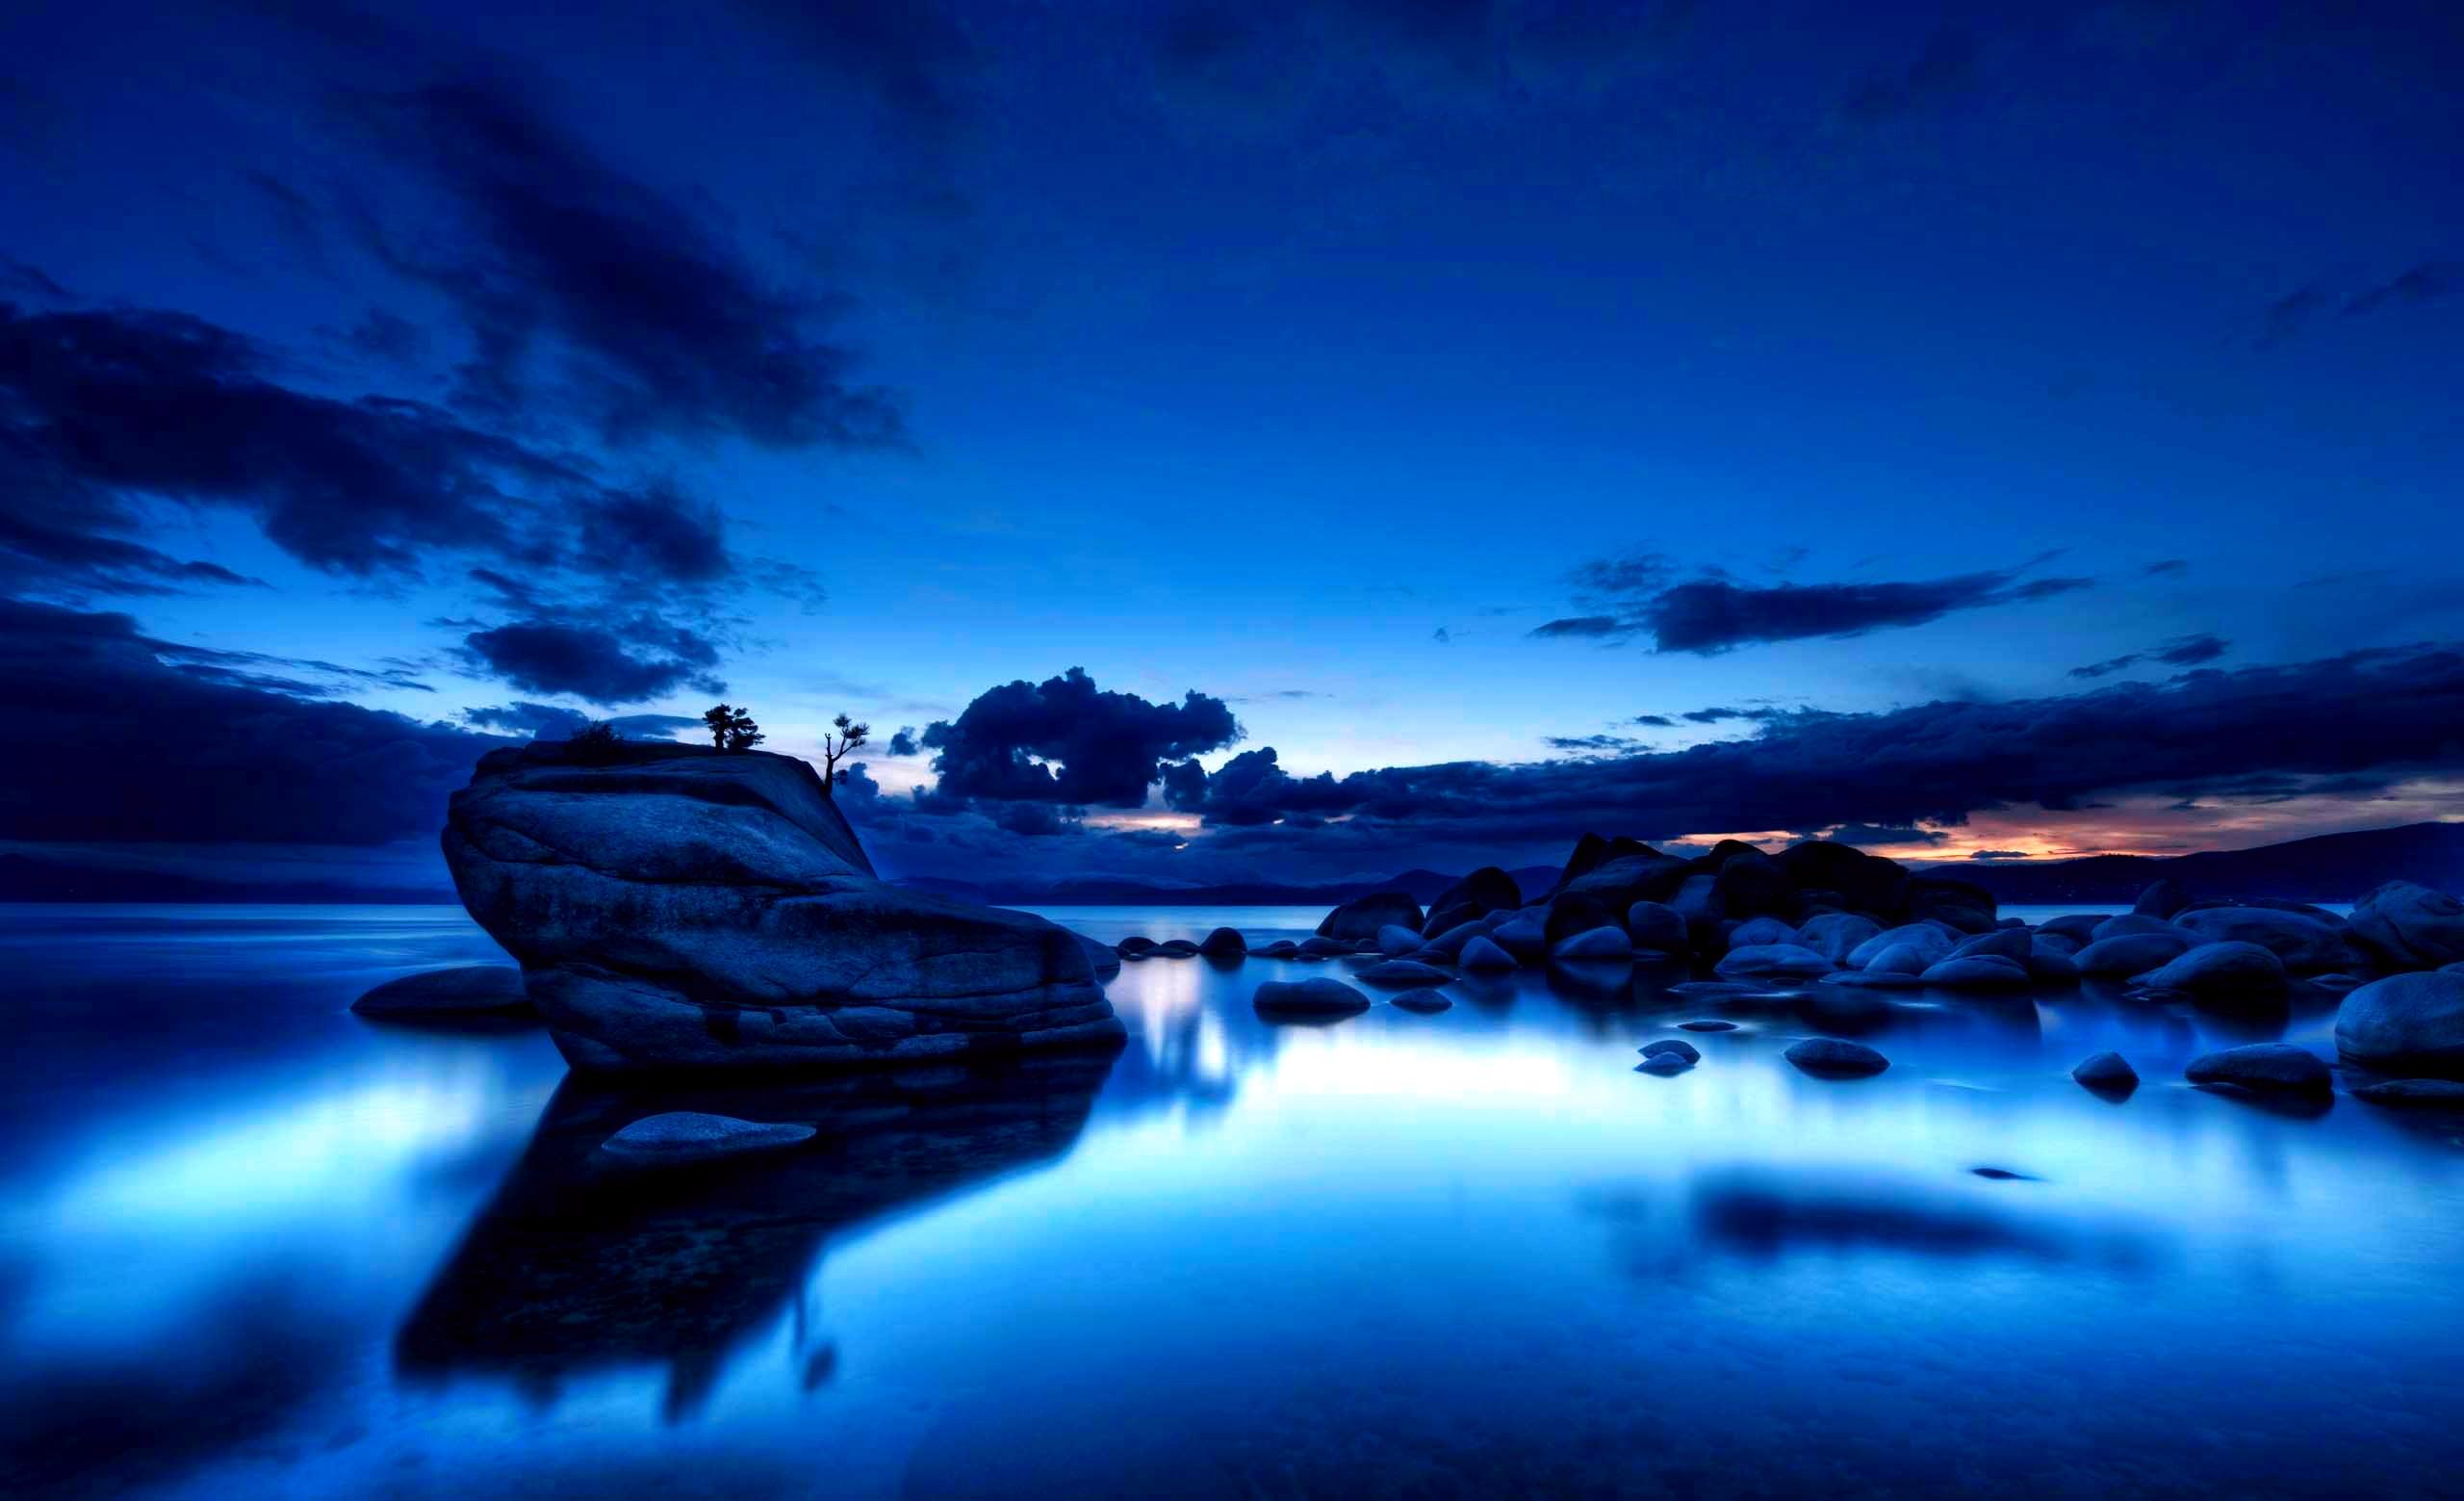 Most Inspiring Wallpaper Night Landscape - 281576  Snapshot-739049.jpg